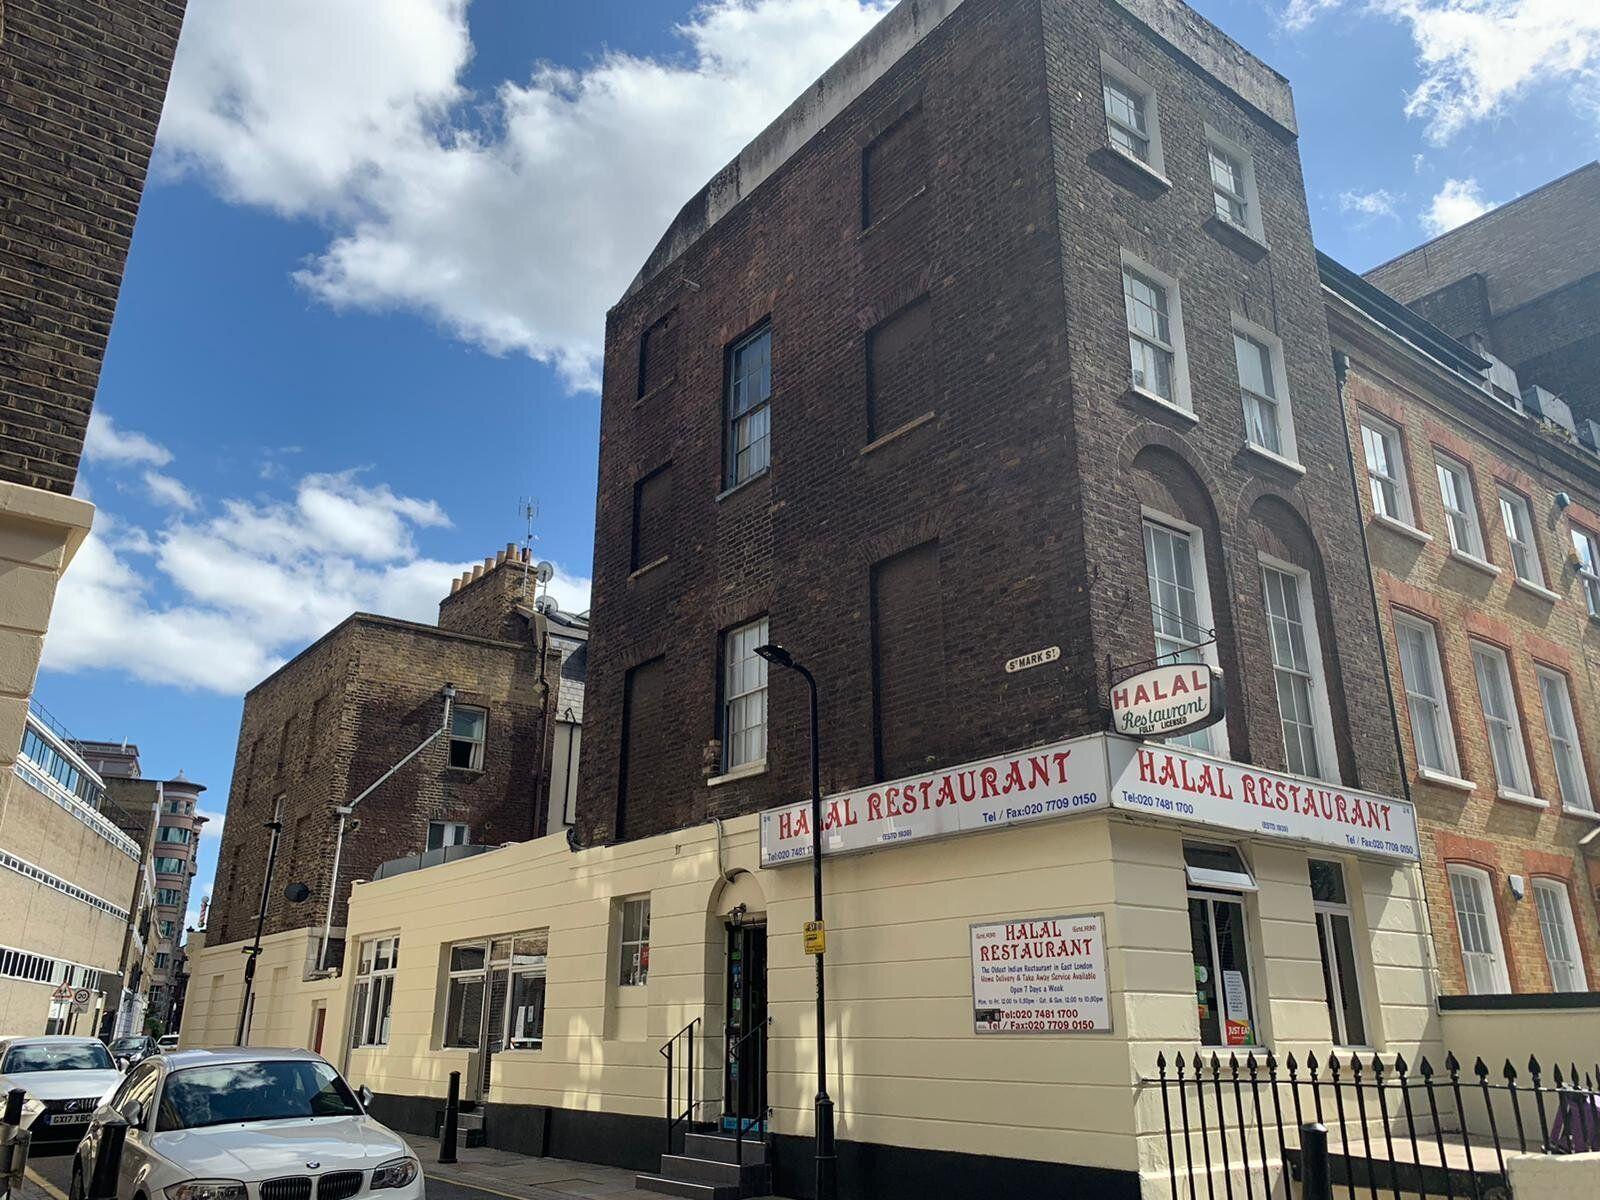 Halal Restaurant near Brick Lane